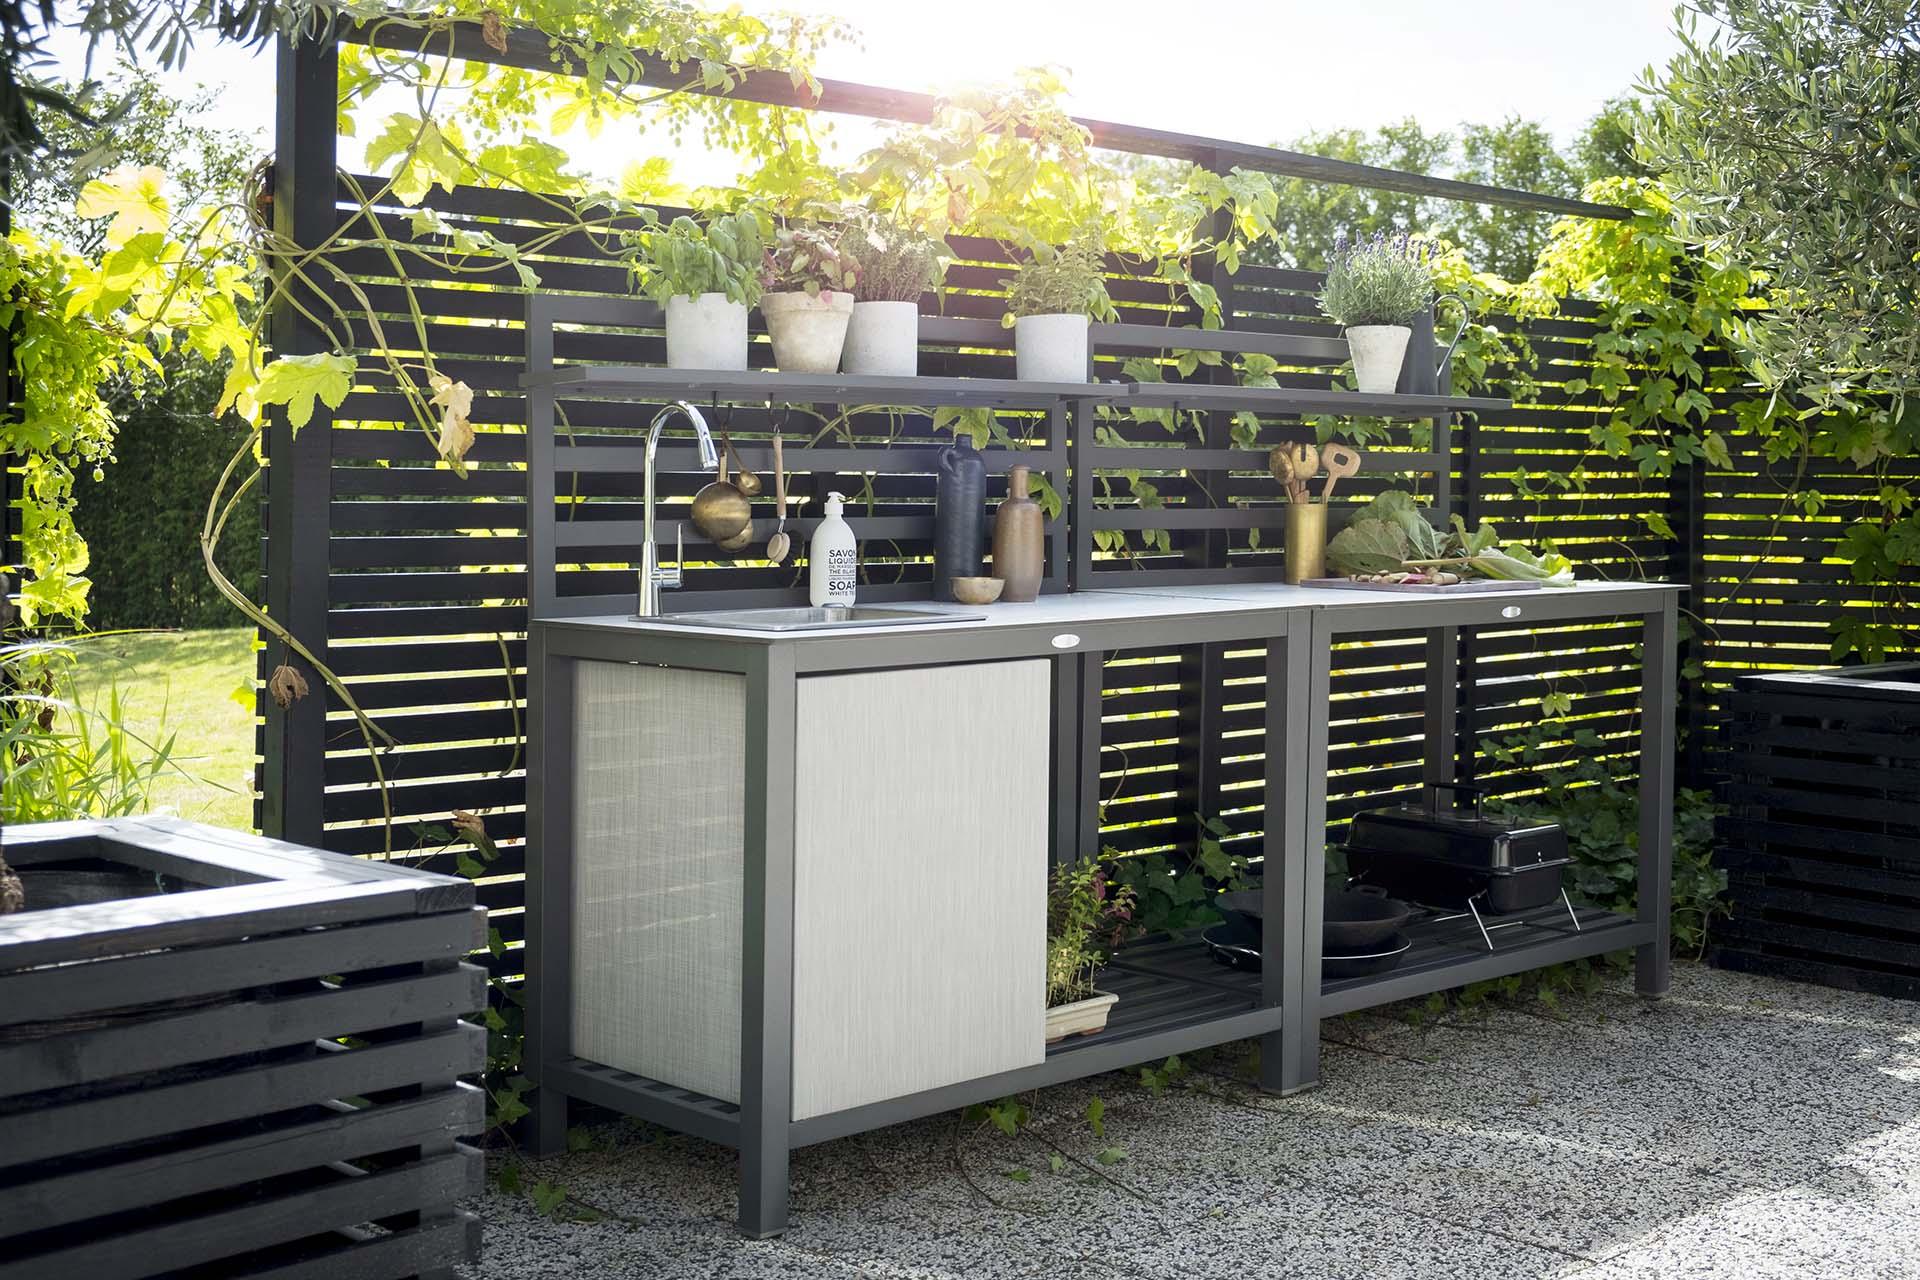 luksus udek kken med vask i aluminium h j kvalitet til billige penge. Black Bedroom Furniture Sets. Home Design Ideas